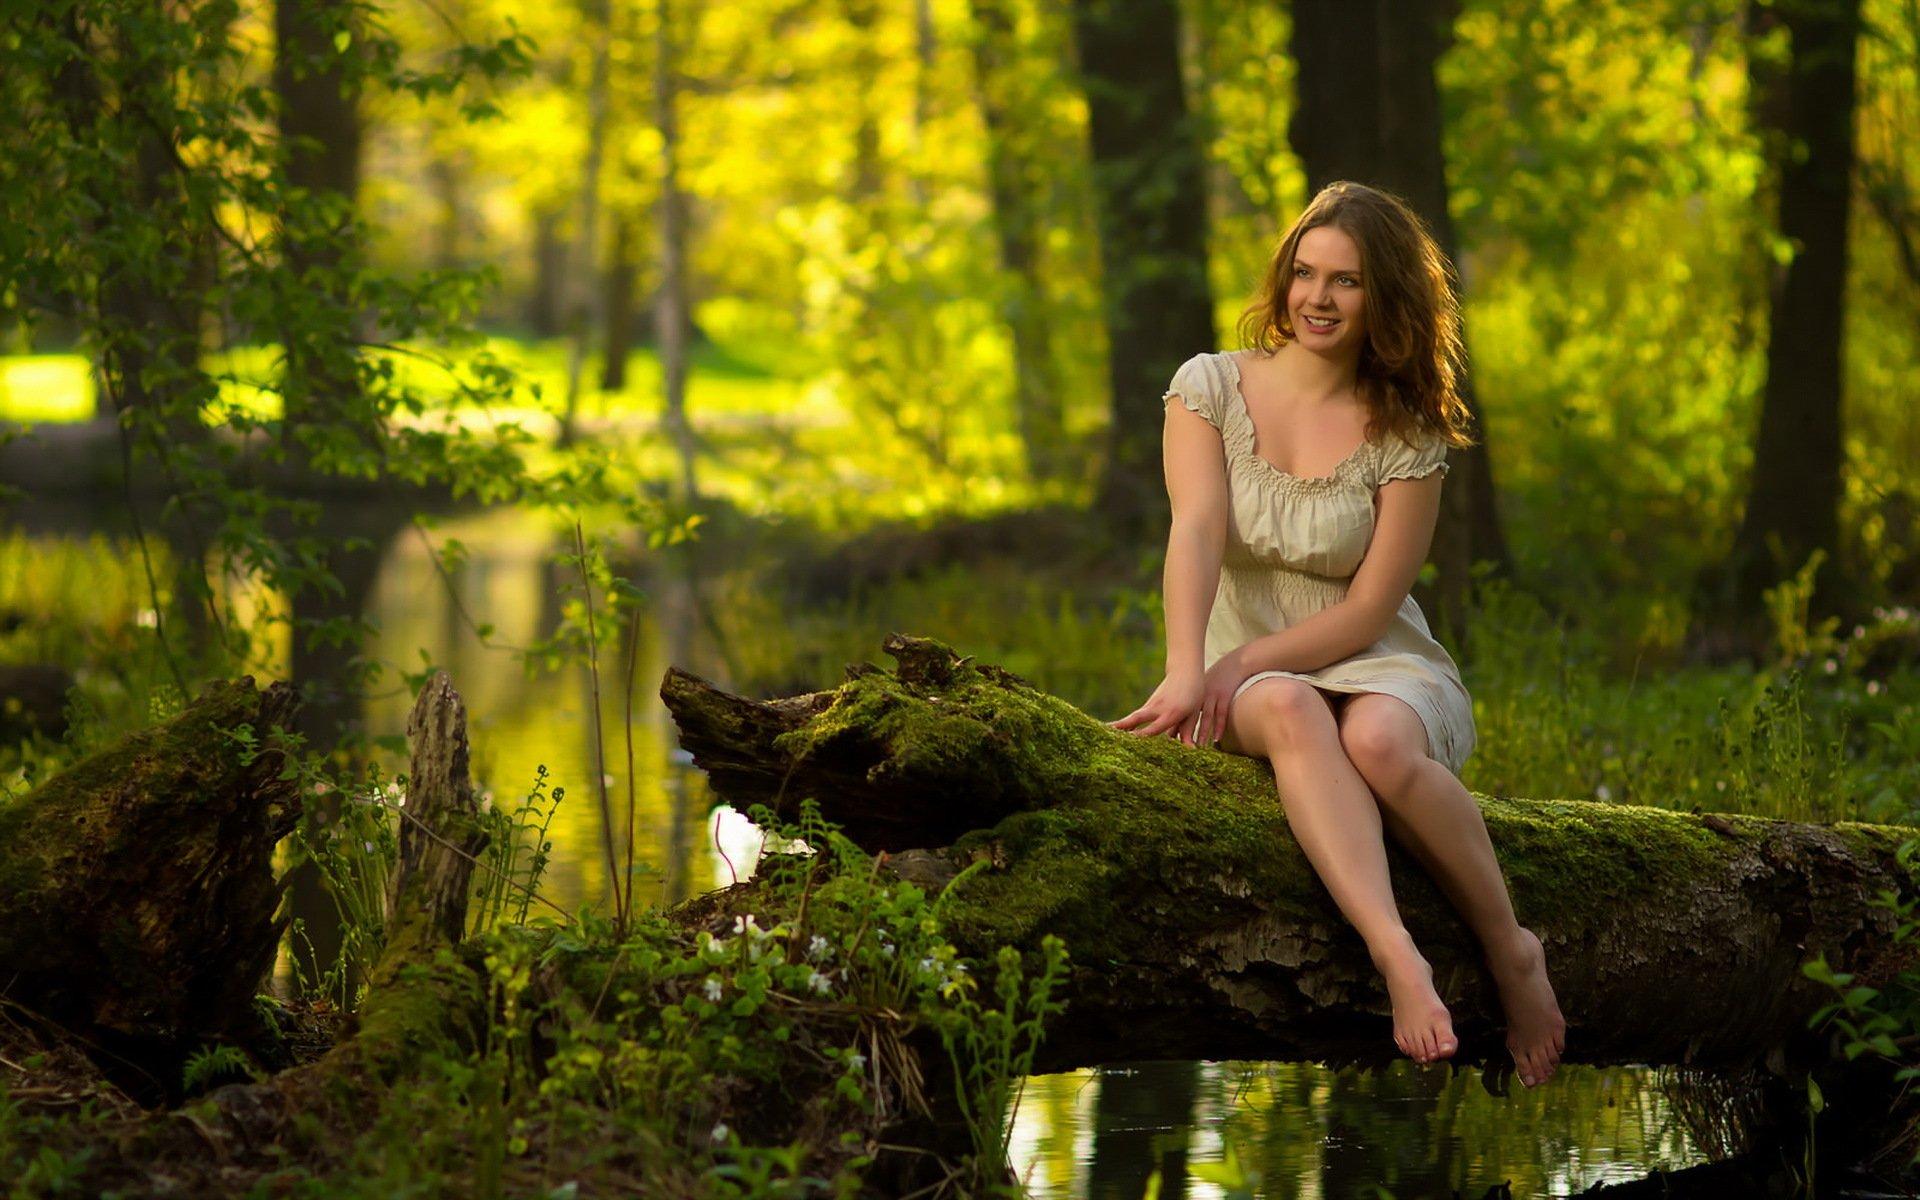 Рыжеволосую малышку друг фотографирует голой в лесу  270137